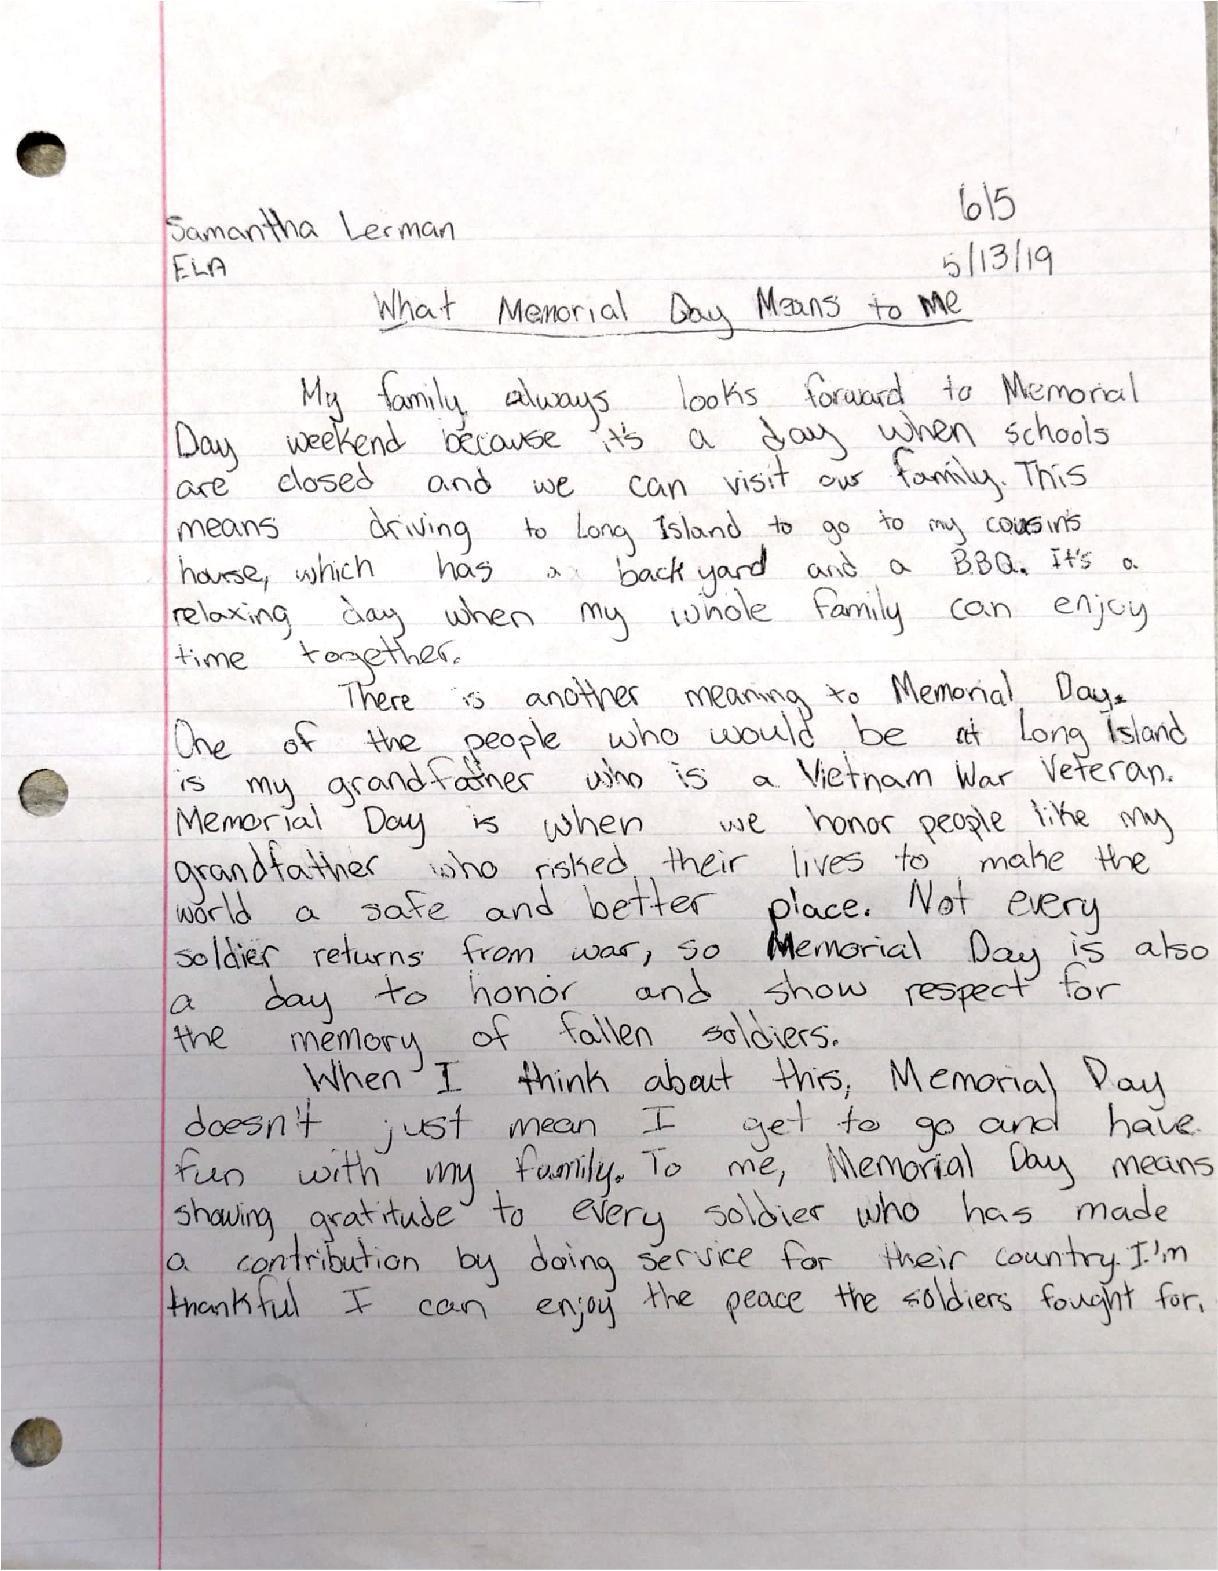 Memorial Day Essay 1